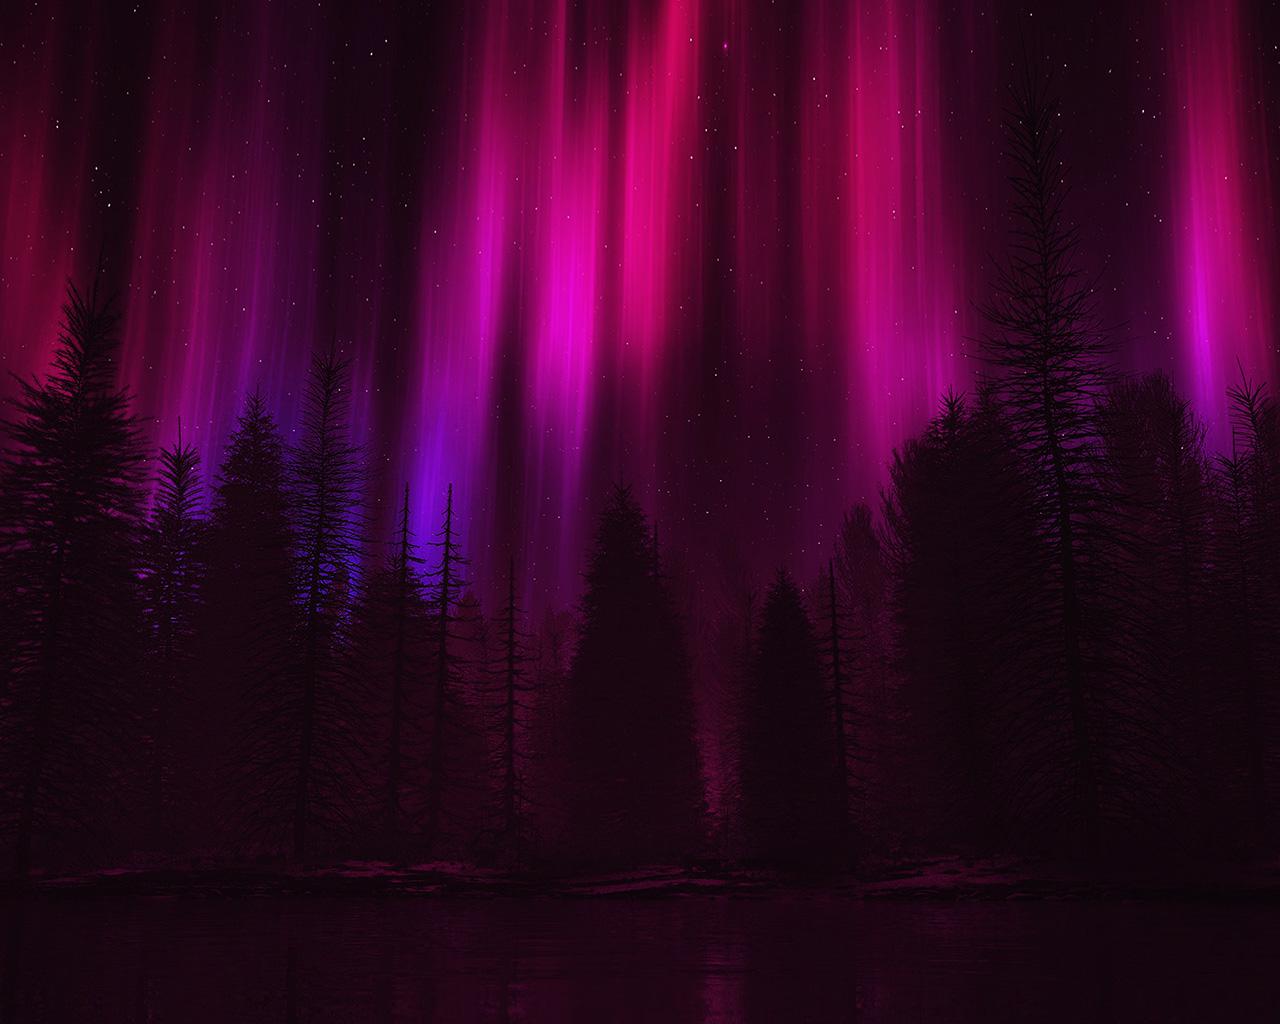 aurora very dark red - photo #7